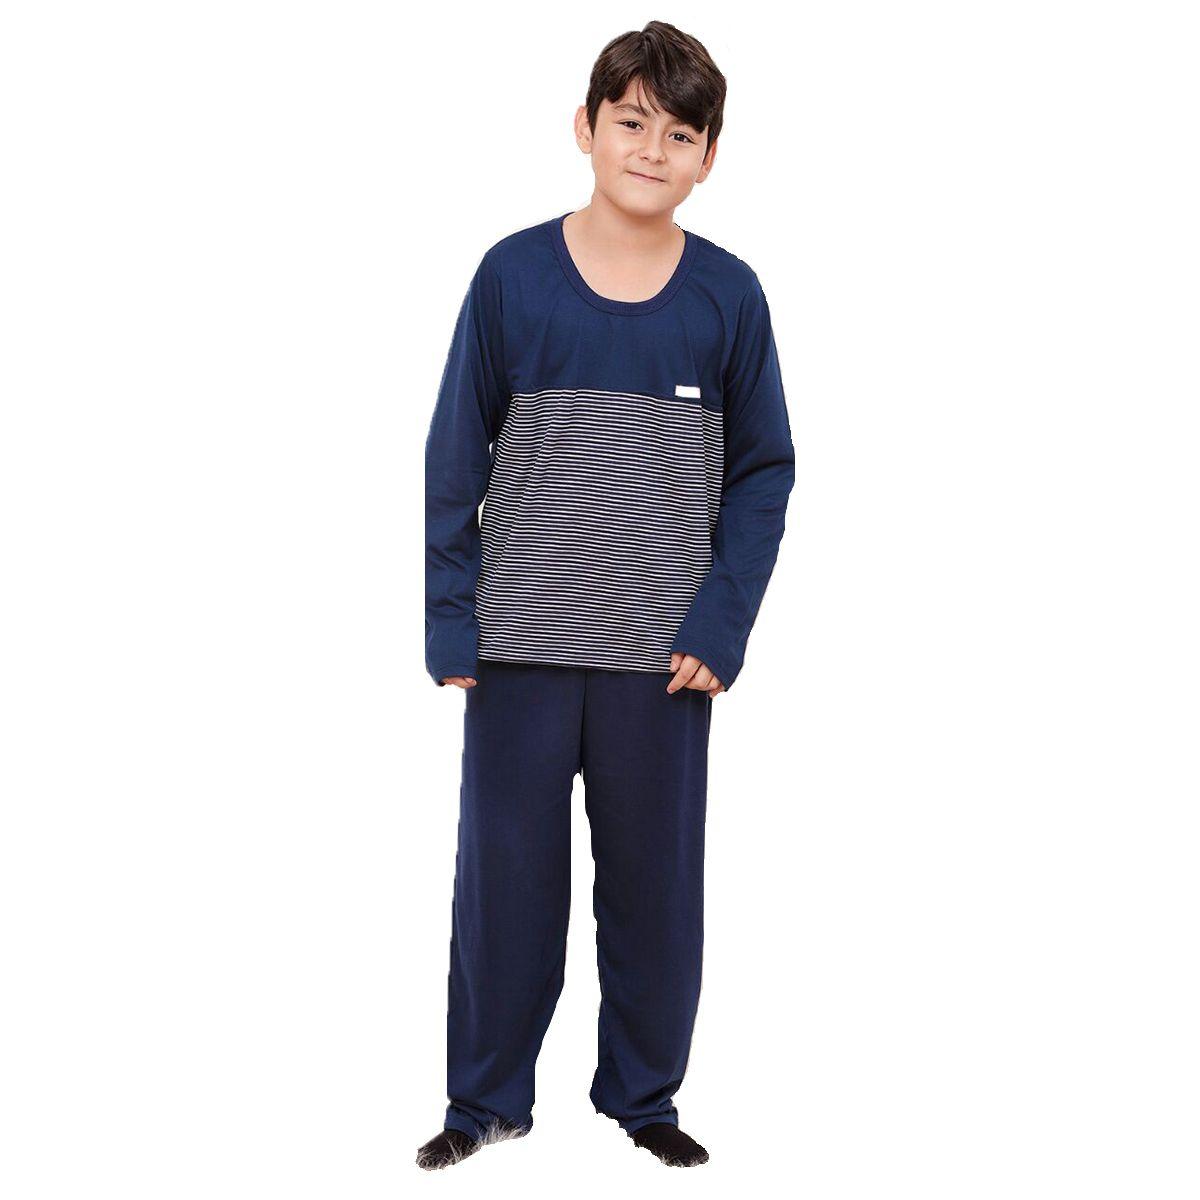 Pijama infantil manga longa calça unissex